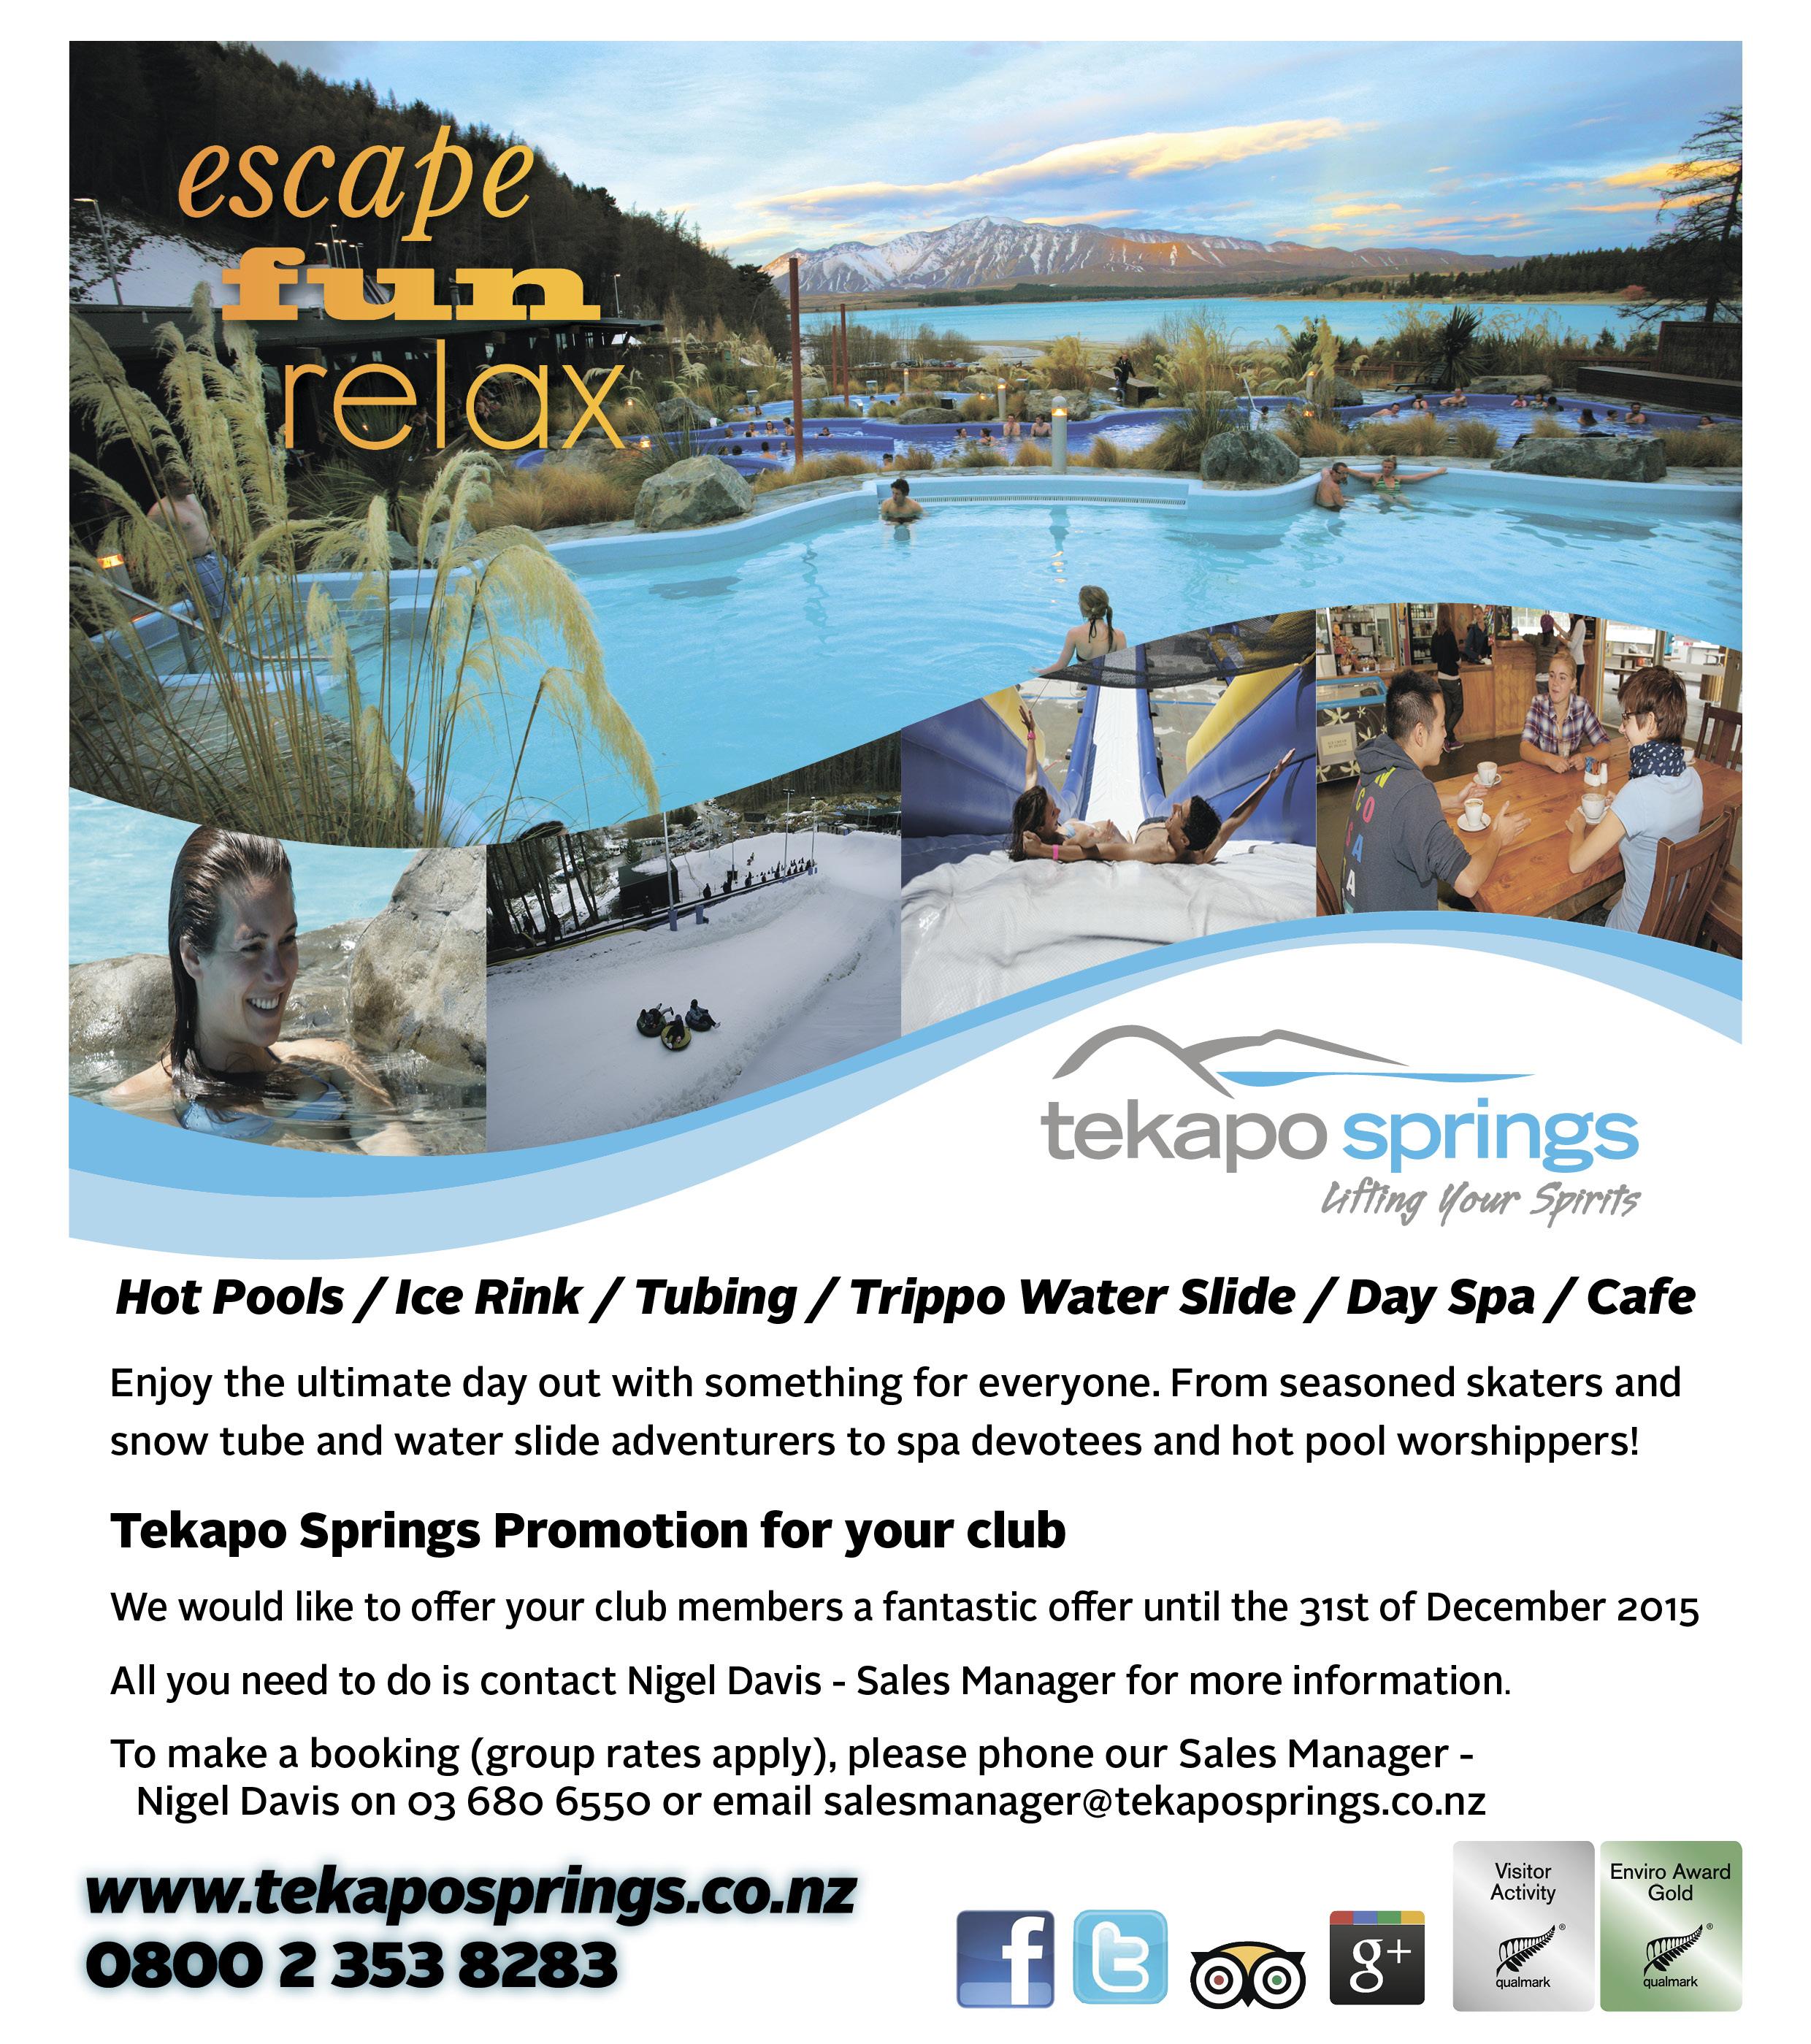 Tekapo Springs Offer